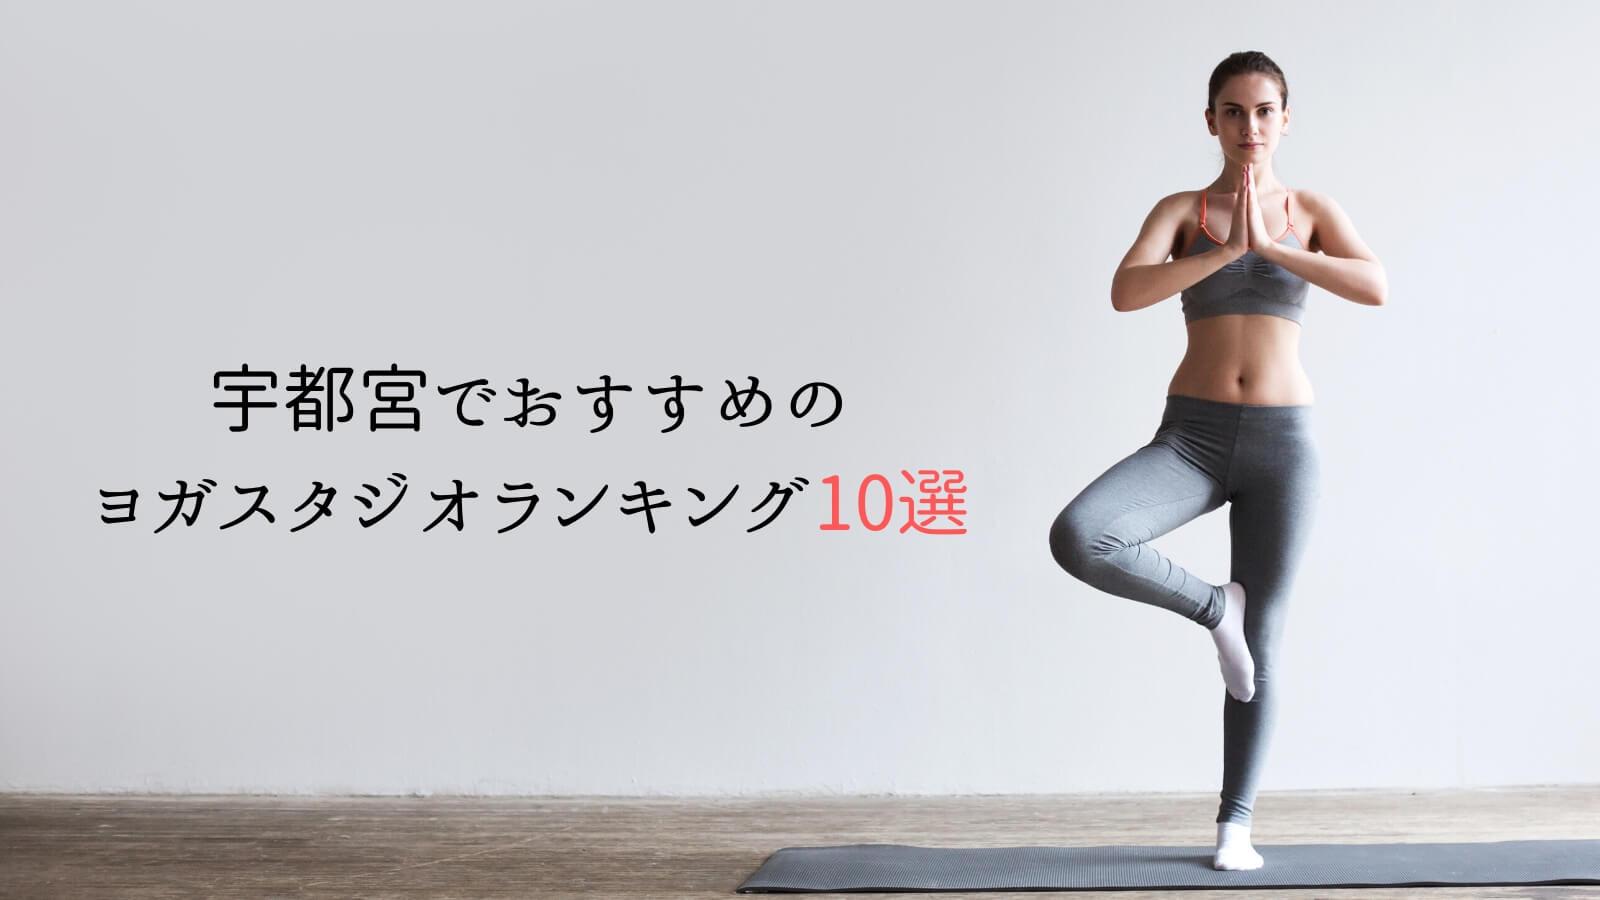 宇都宮のヨガ・ピラティススタジオ10選